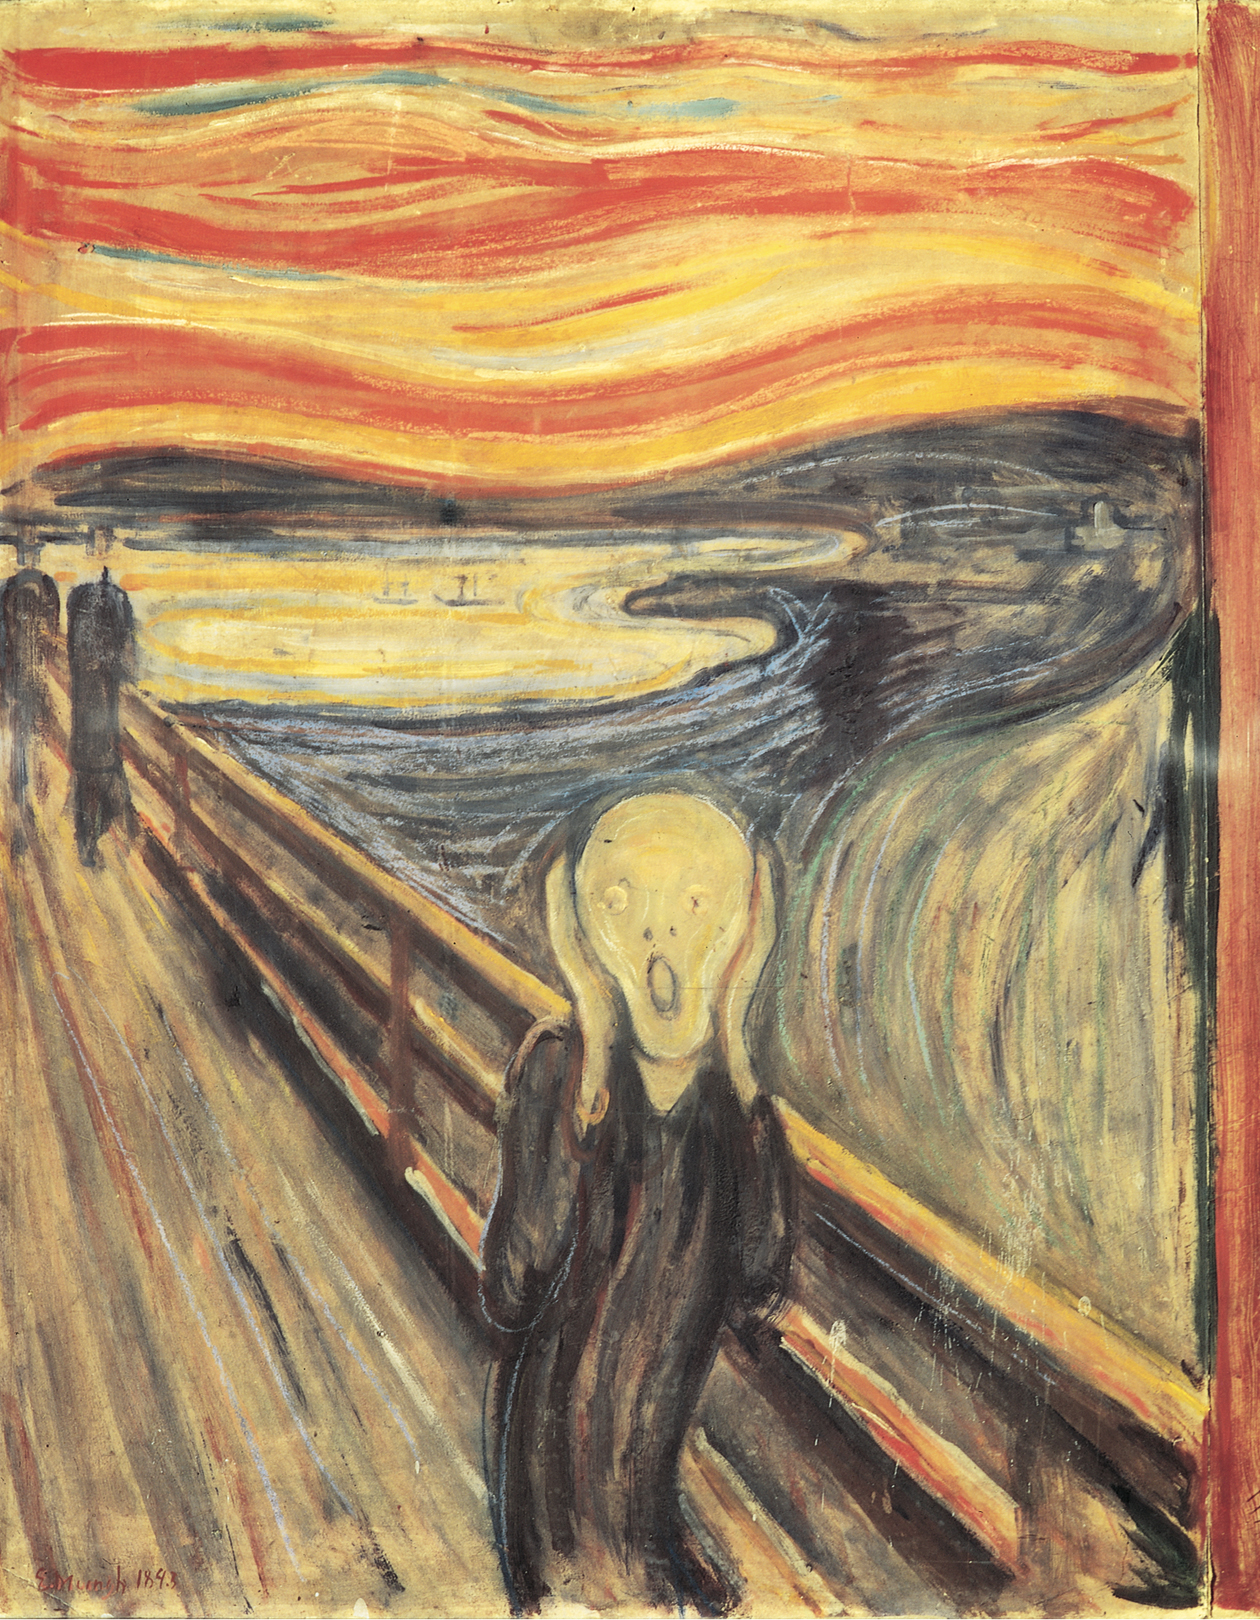 Munch: The Scream